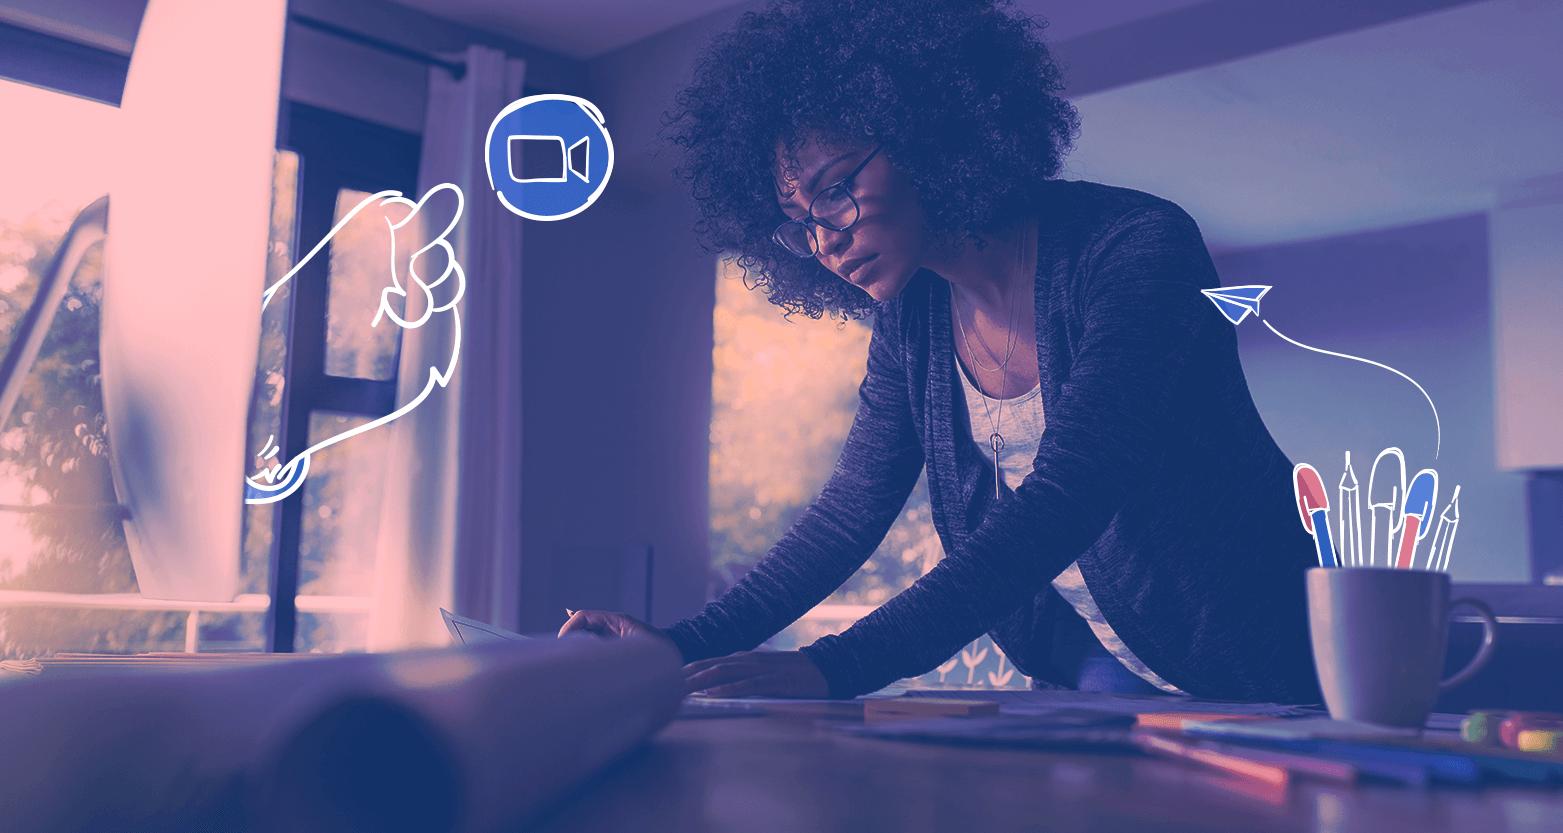 Como montar uma agência de marketing digital full service com operação remota?